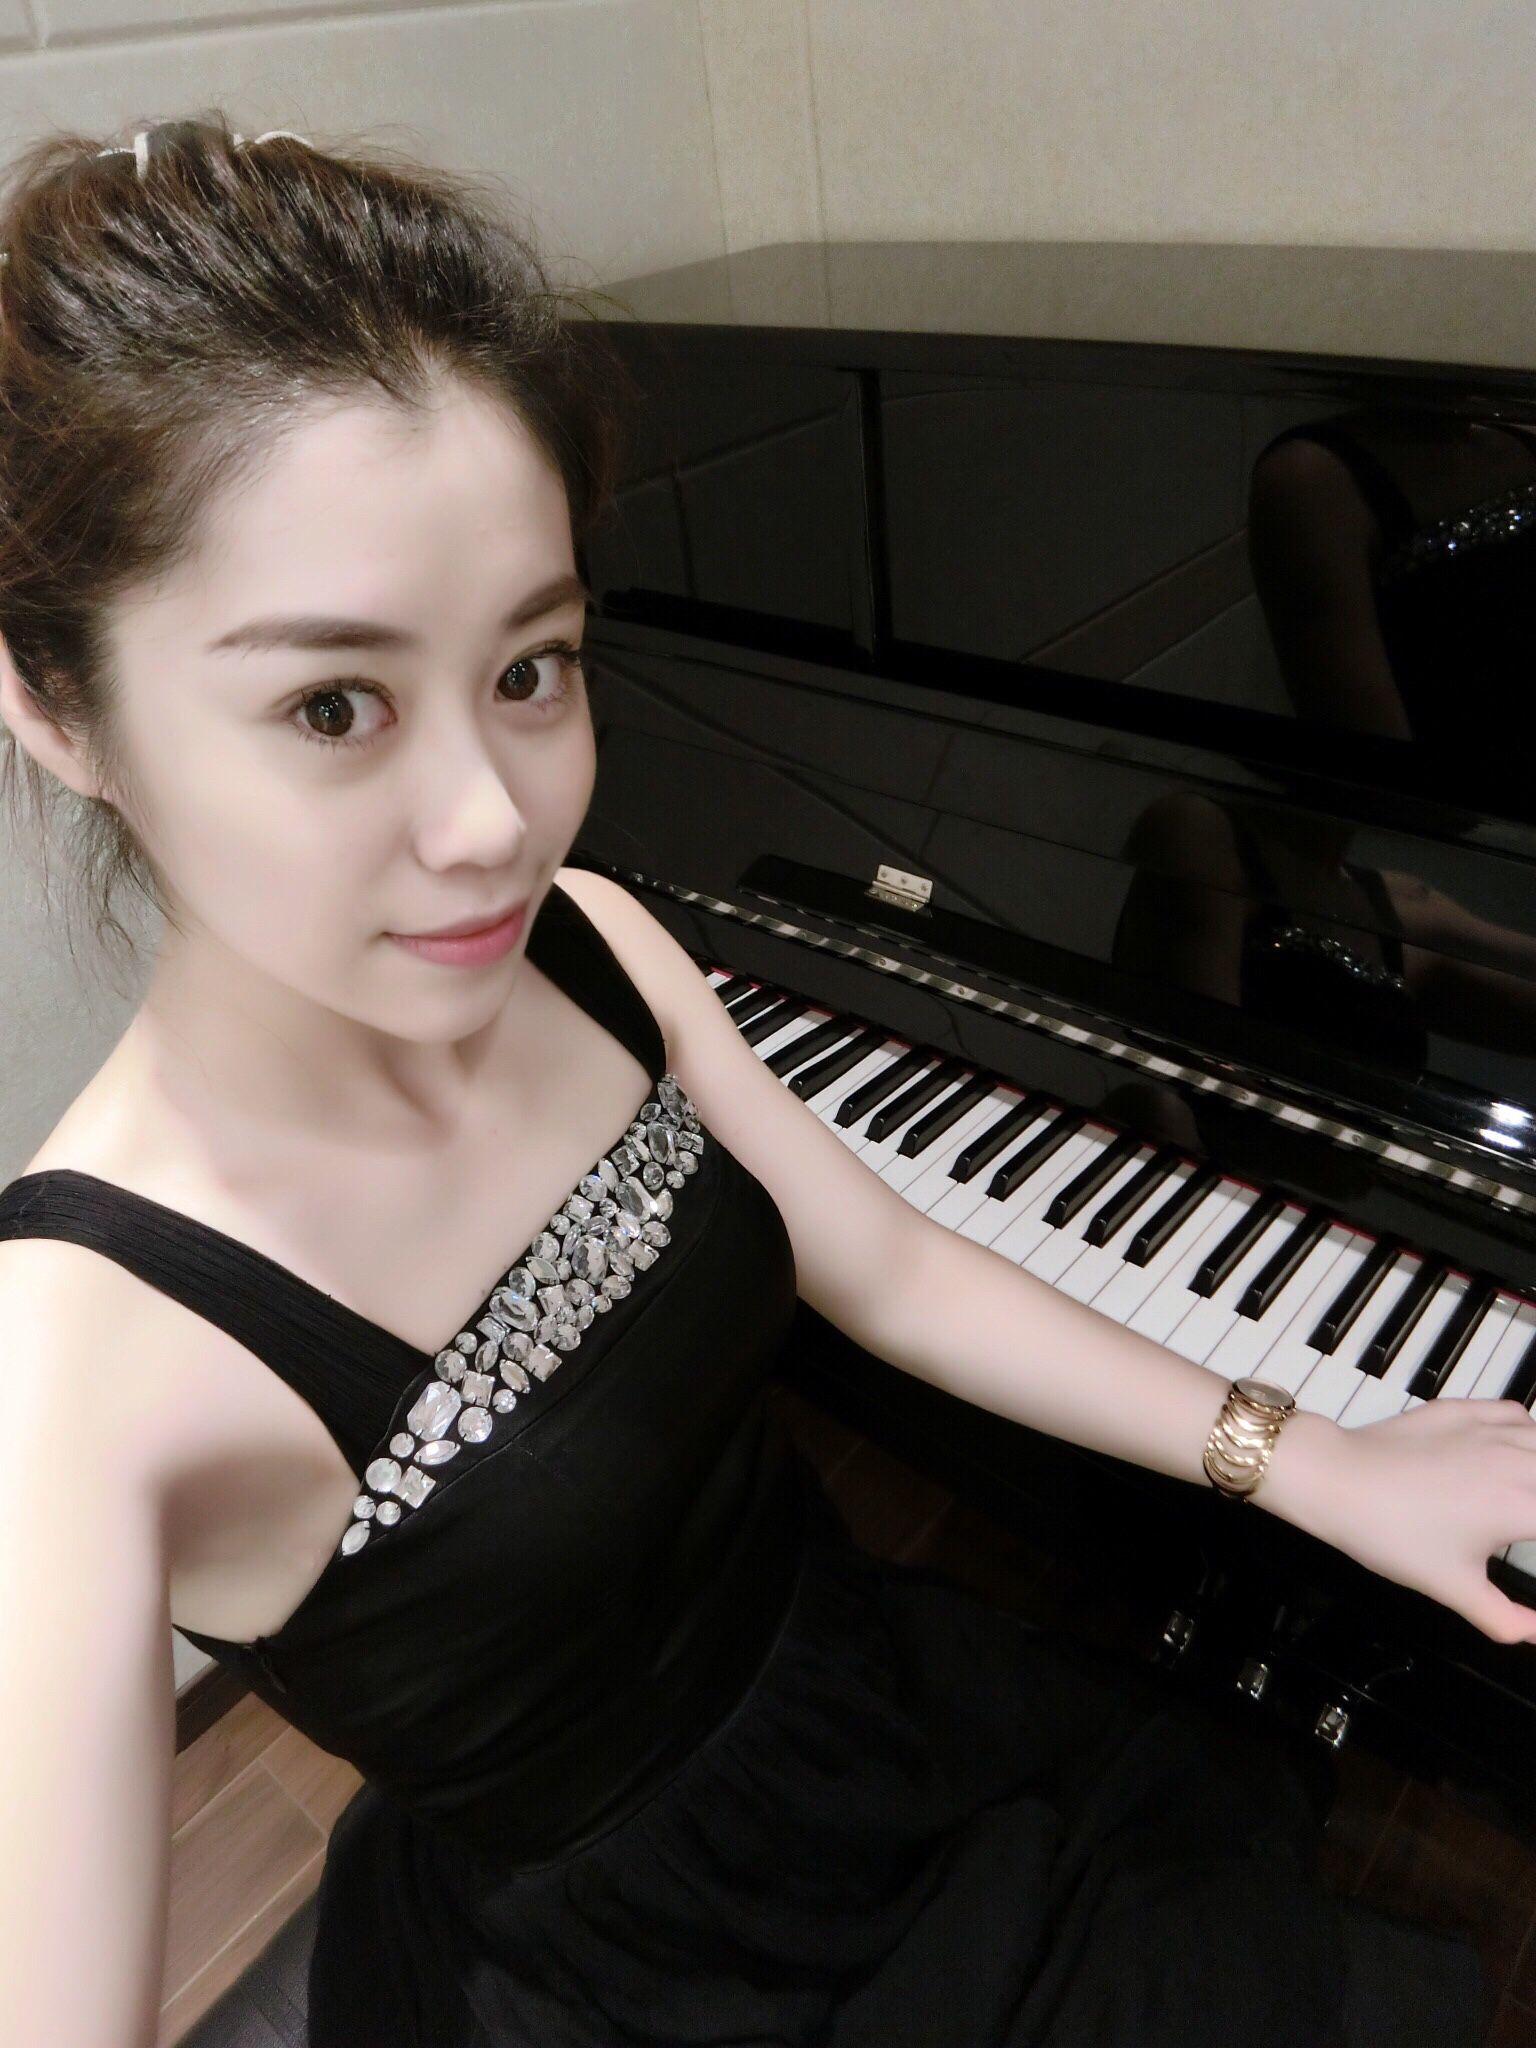 yy-music音乐社